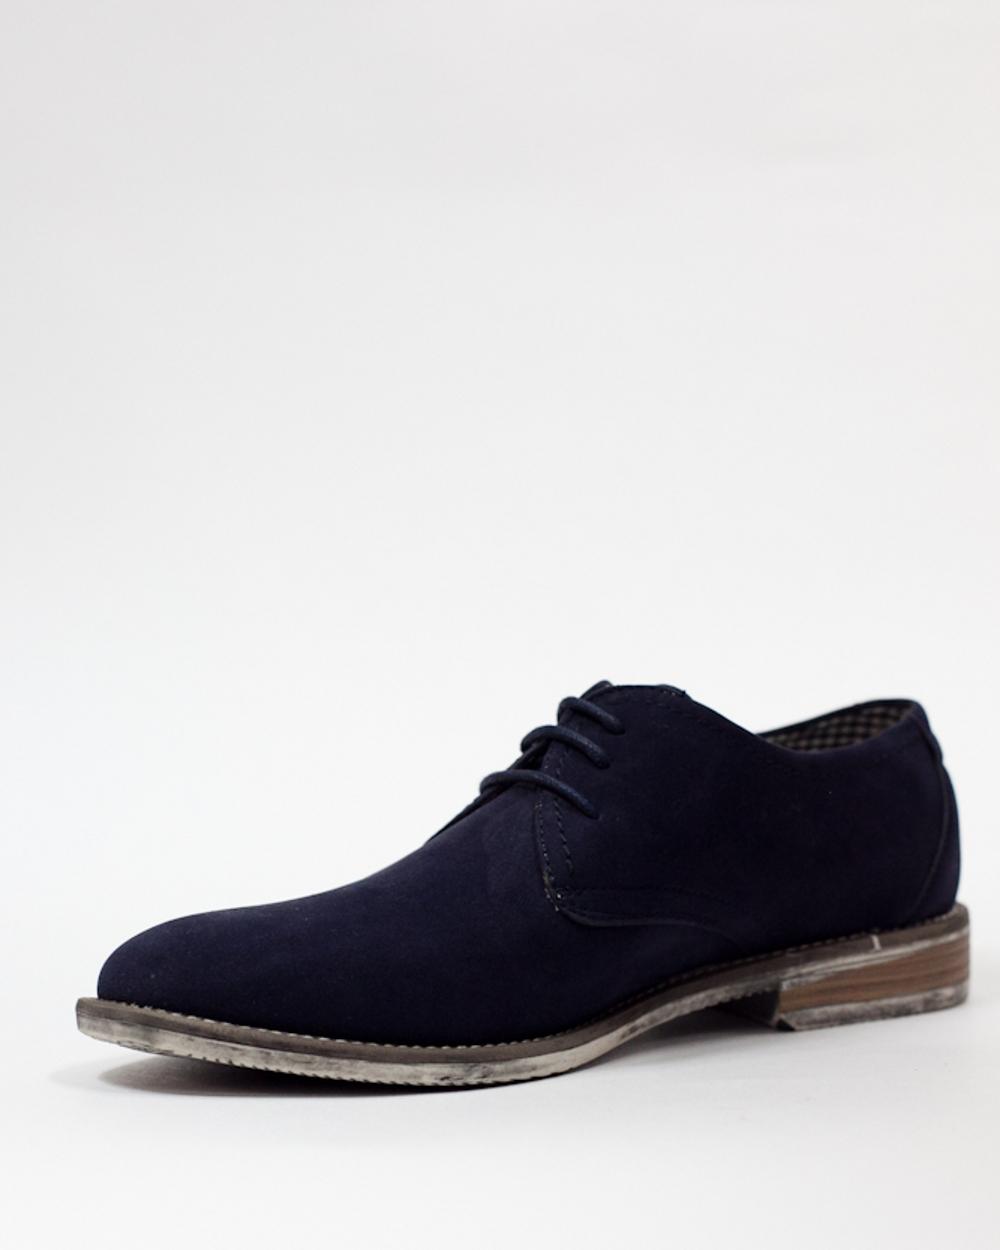 Мужские синие туфли во сне к чему